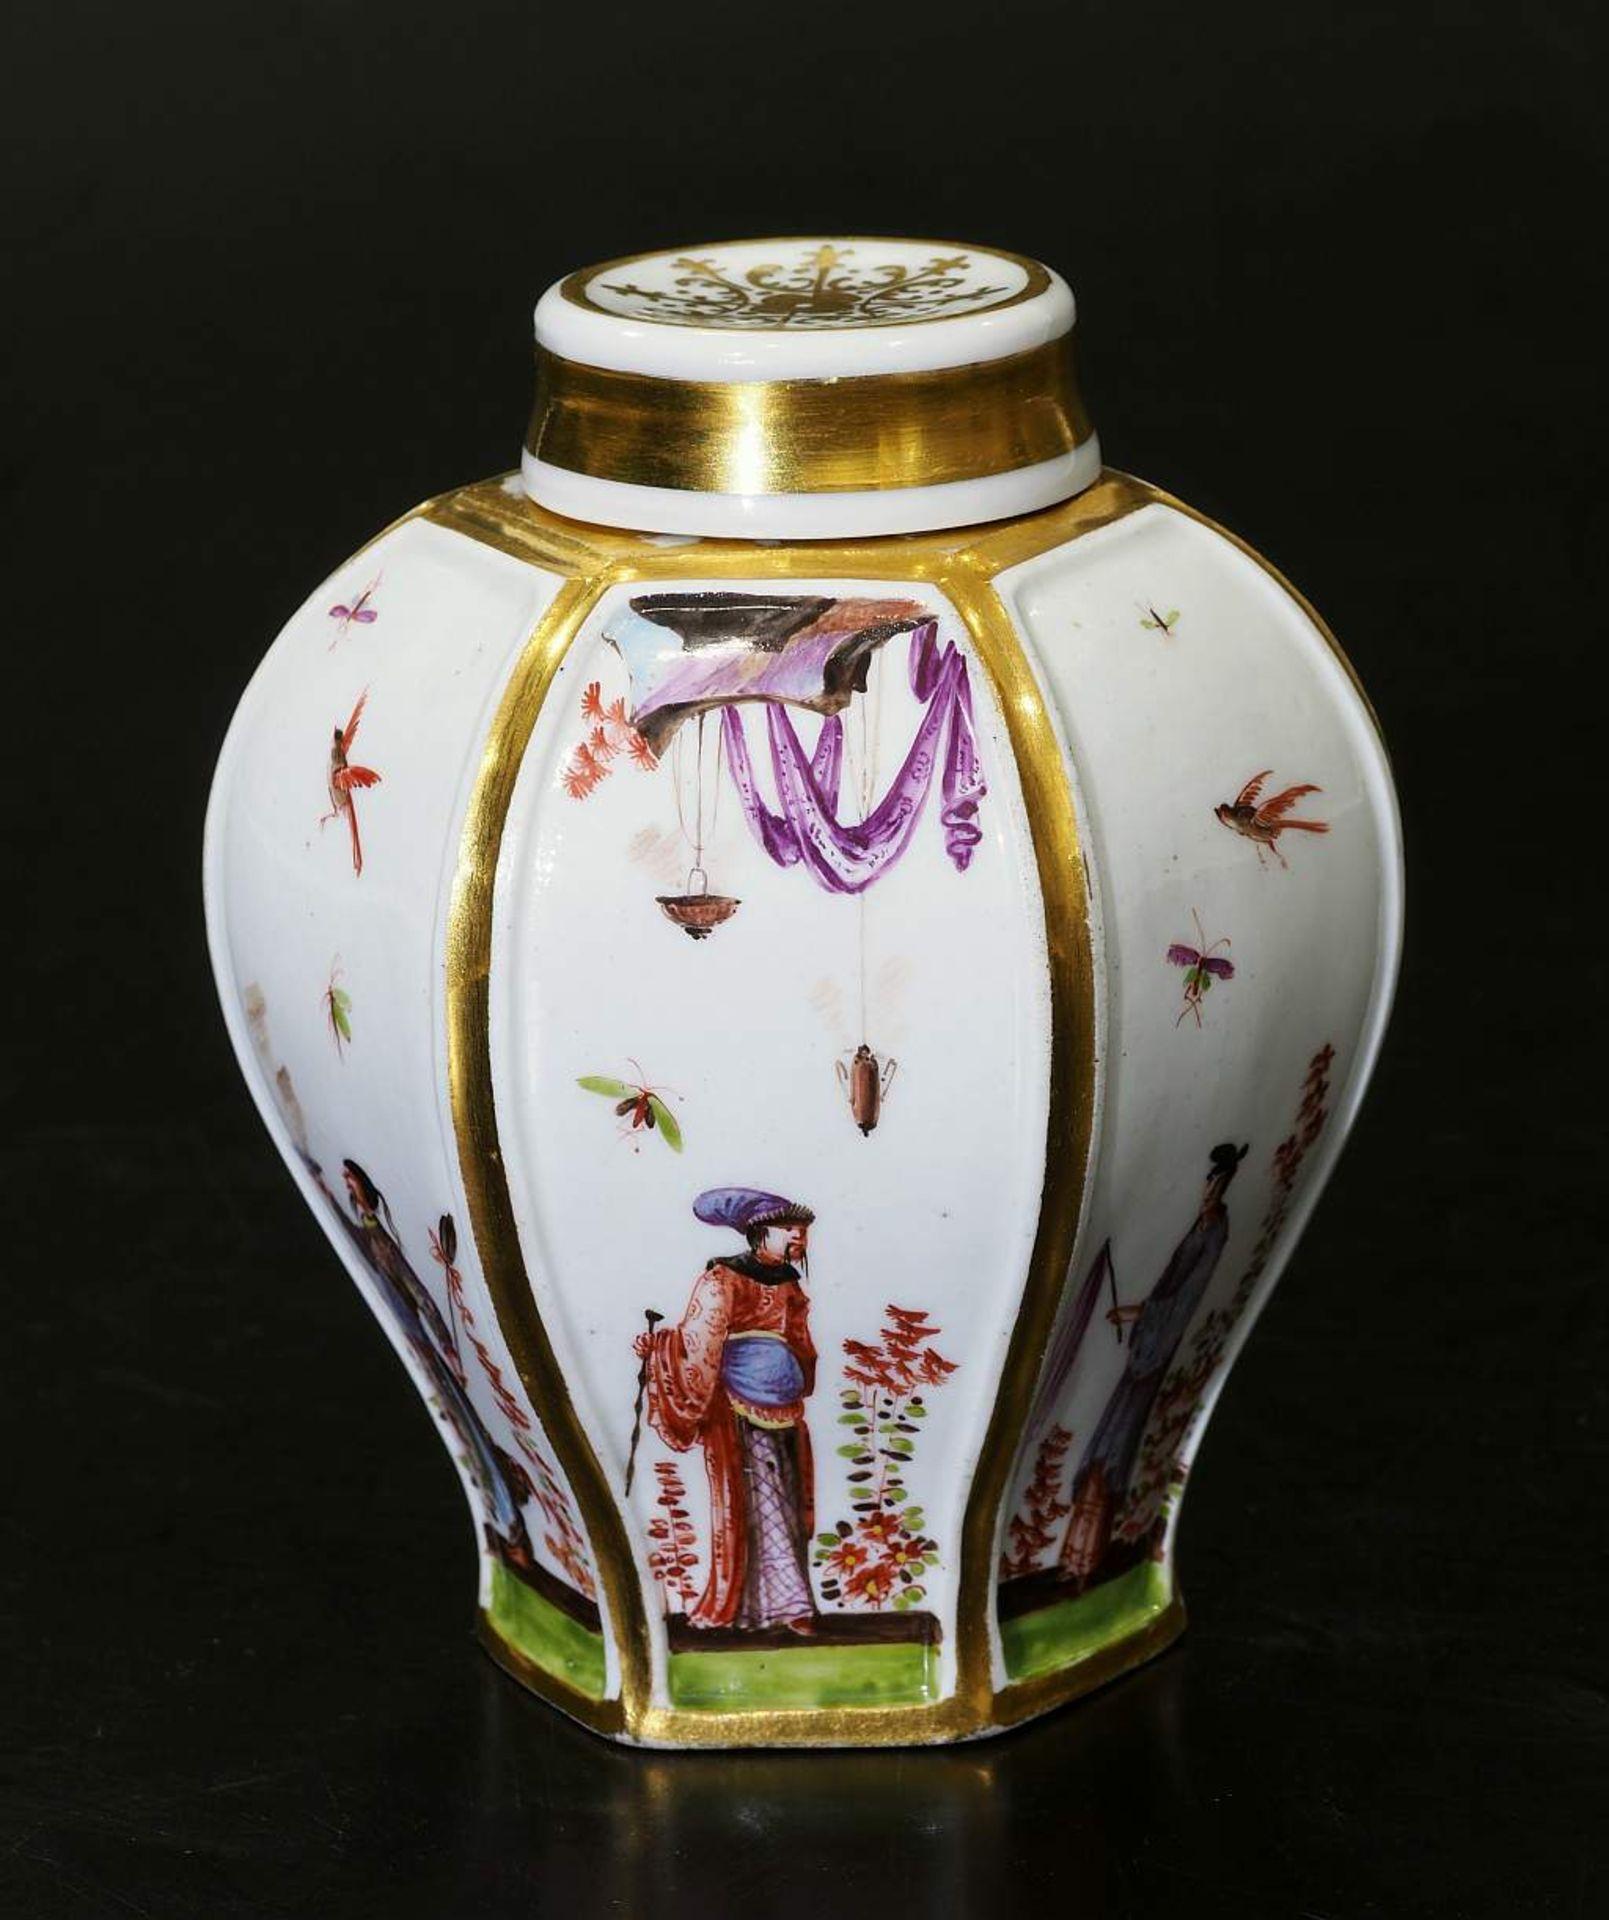 Teedose um 1725. MEISSEN. Teedose um 1725. MEISSEN. Balusterförmige Teedose in hexagonaler Form - Bild 2 aus 8